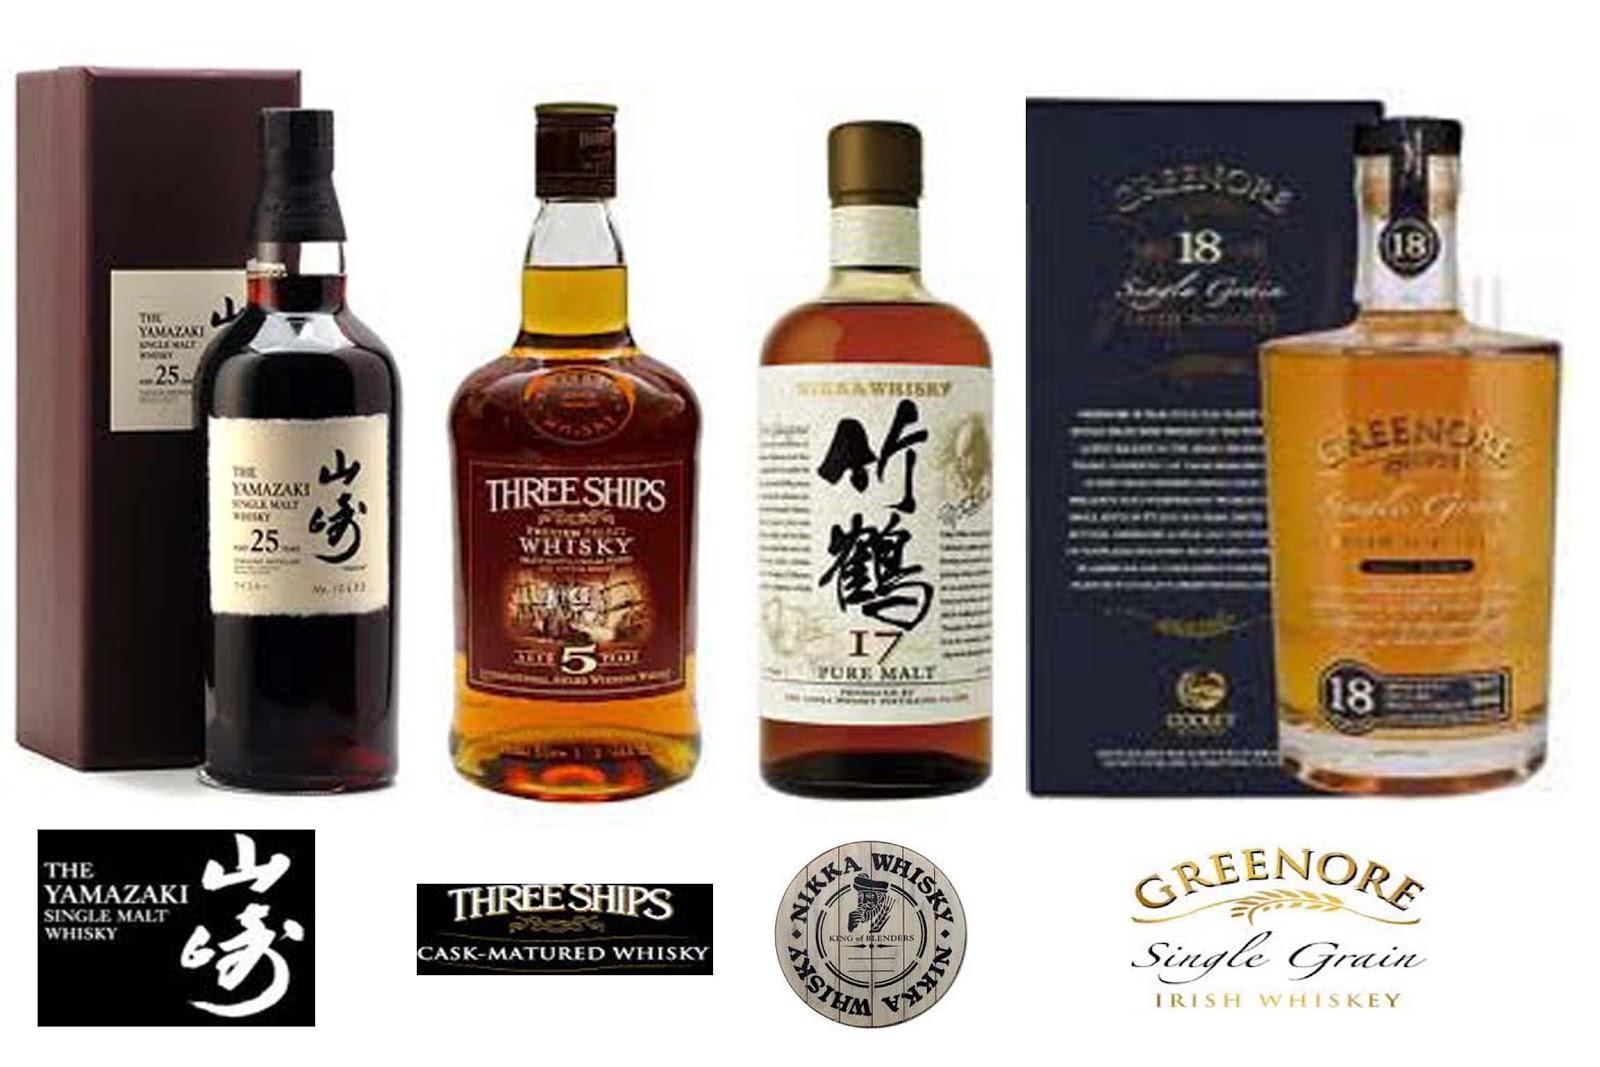 mejores whiskys del mundo 2012